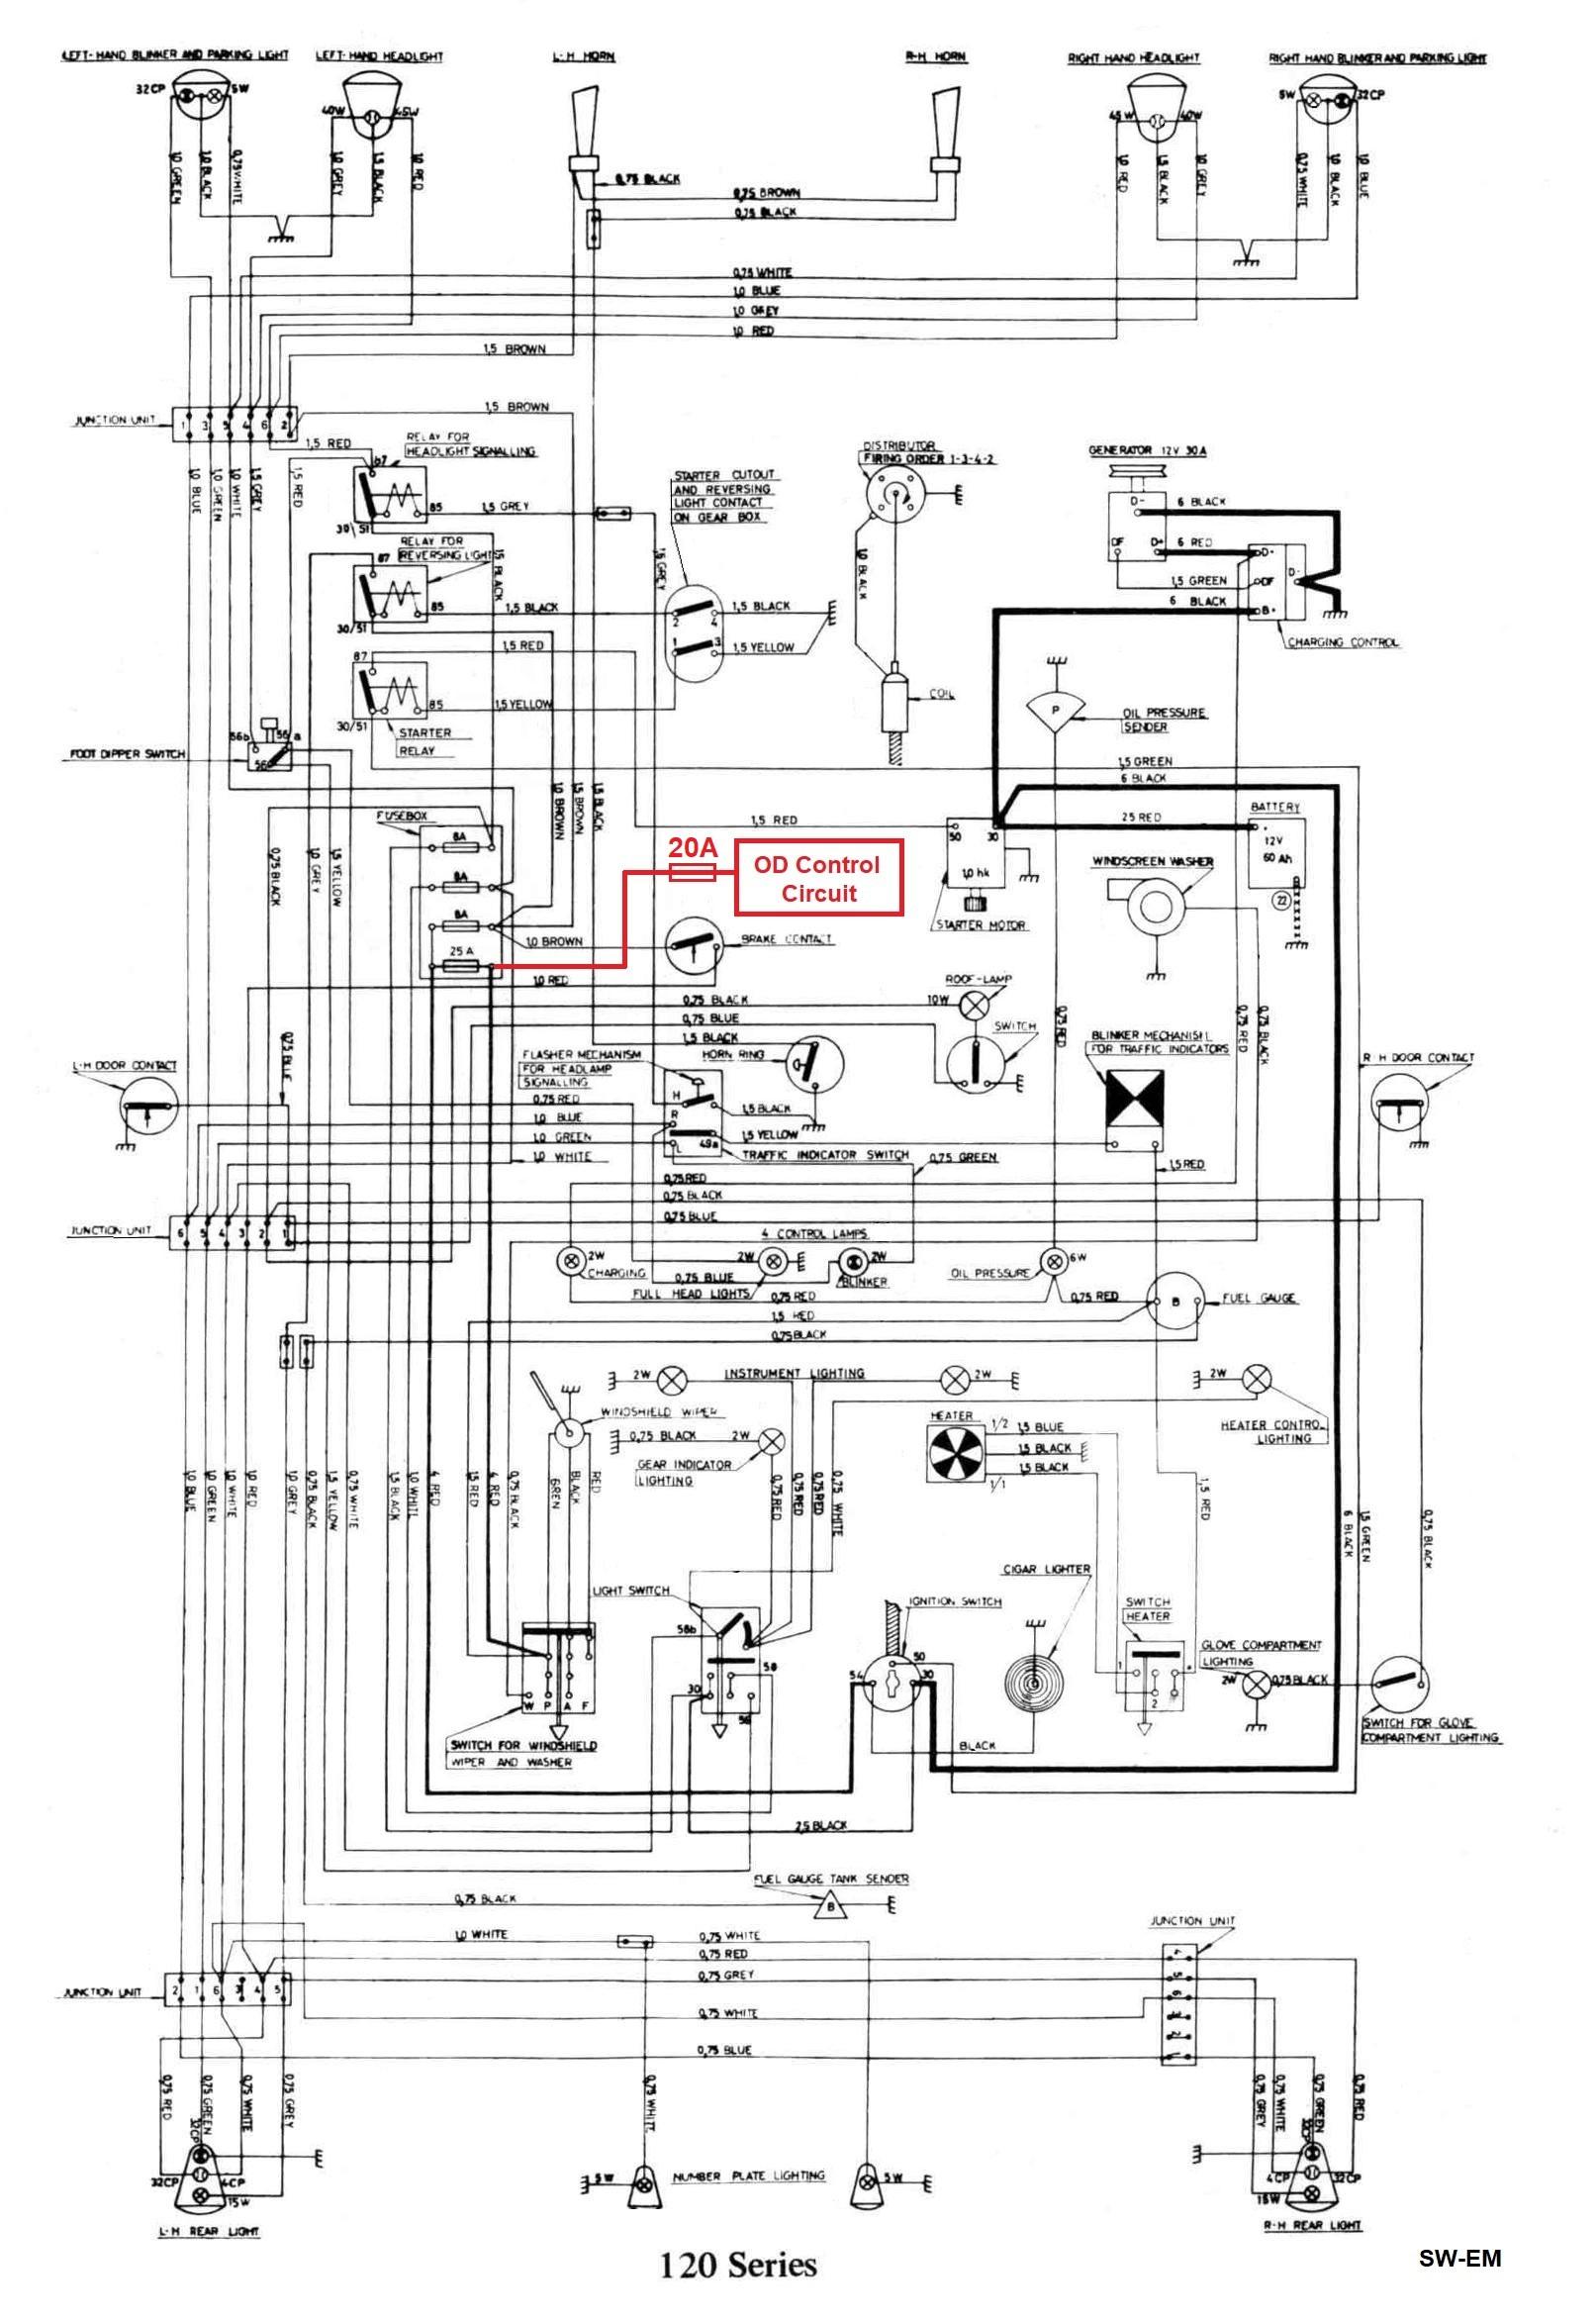 Forward Reverse Switch Wiring Diagram Sw Em Od Retrofitting On A Vintage Volvo Of Forward Reverse Switch Wiring Diagram